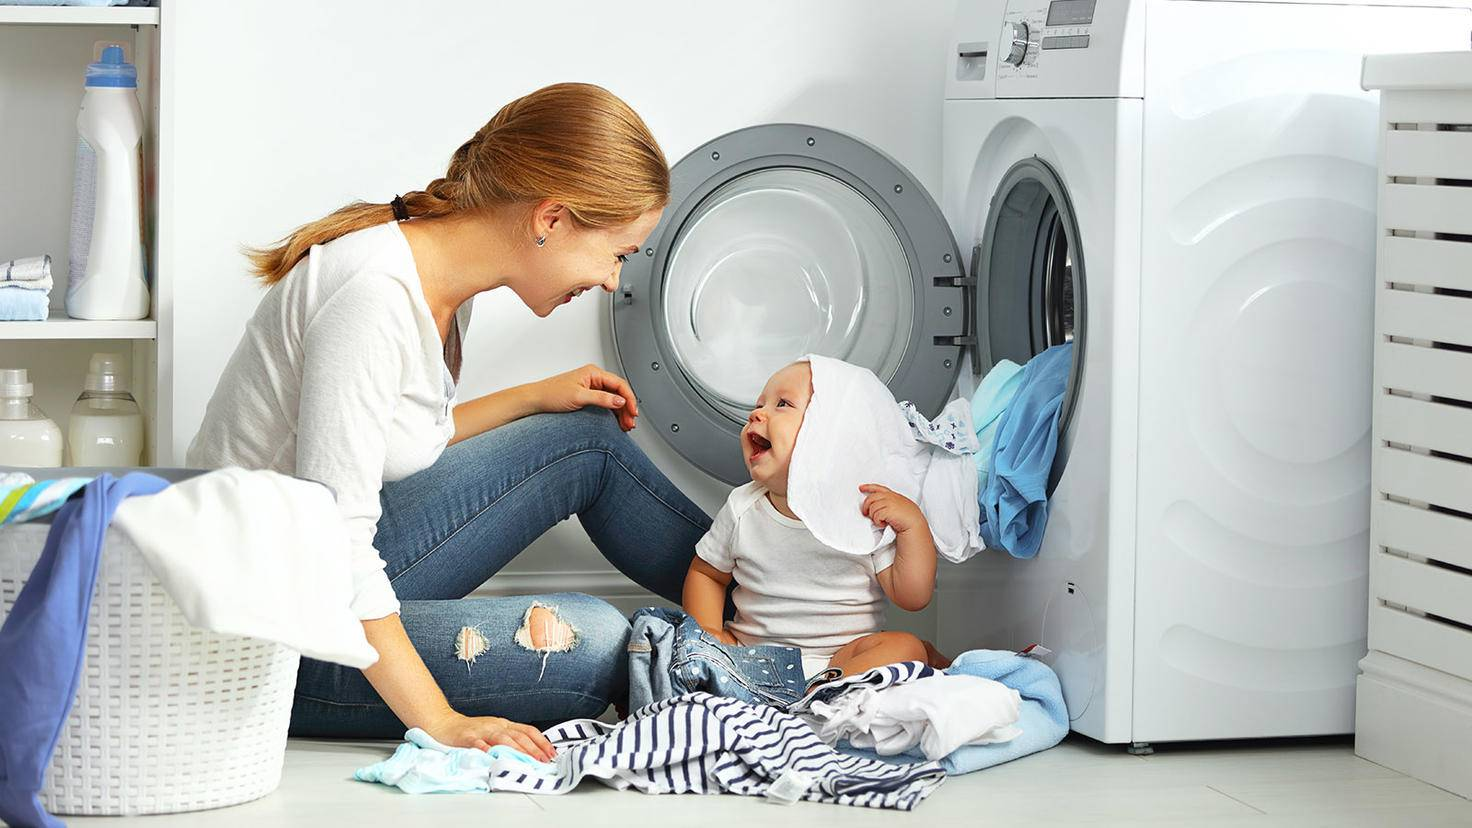 Mutter wäscht mit Baby zusammen Kleidung